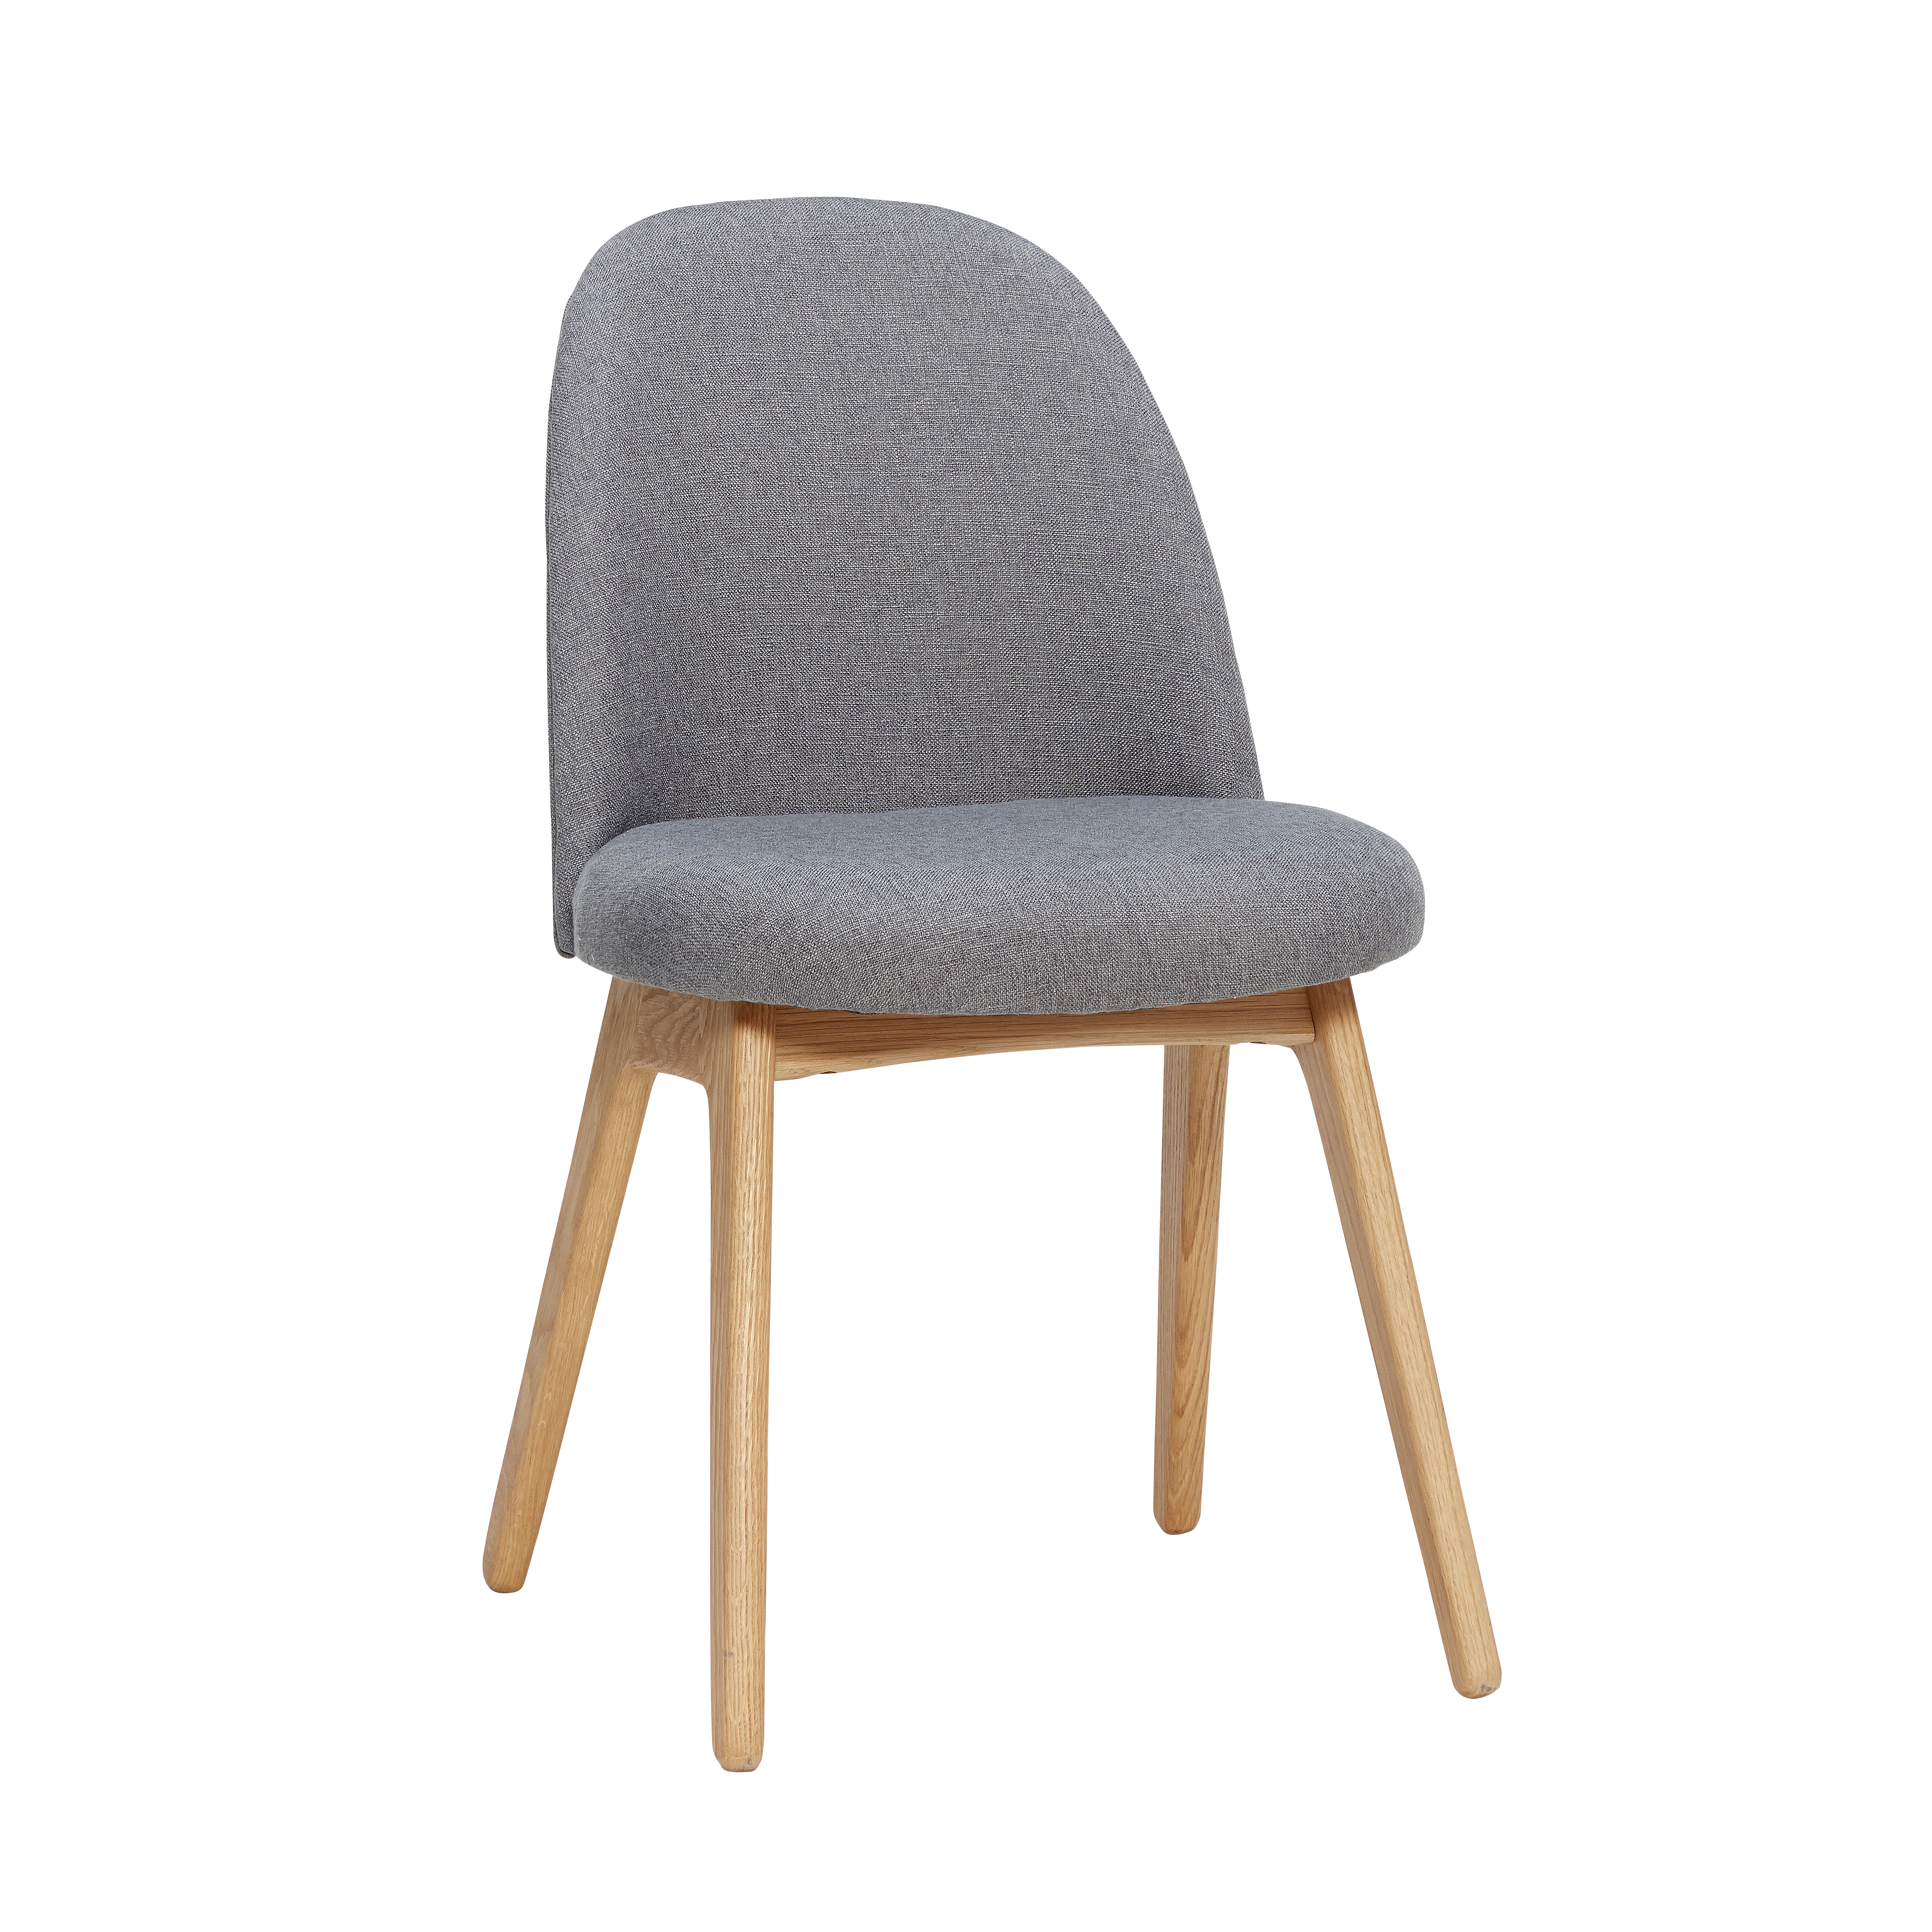 Image of   Hübsch Sebastian stol / mørkegrå